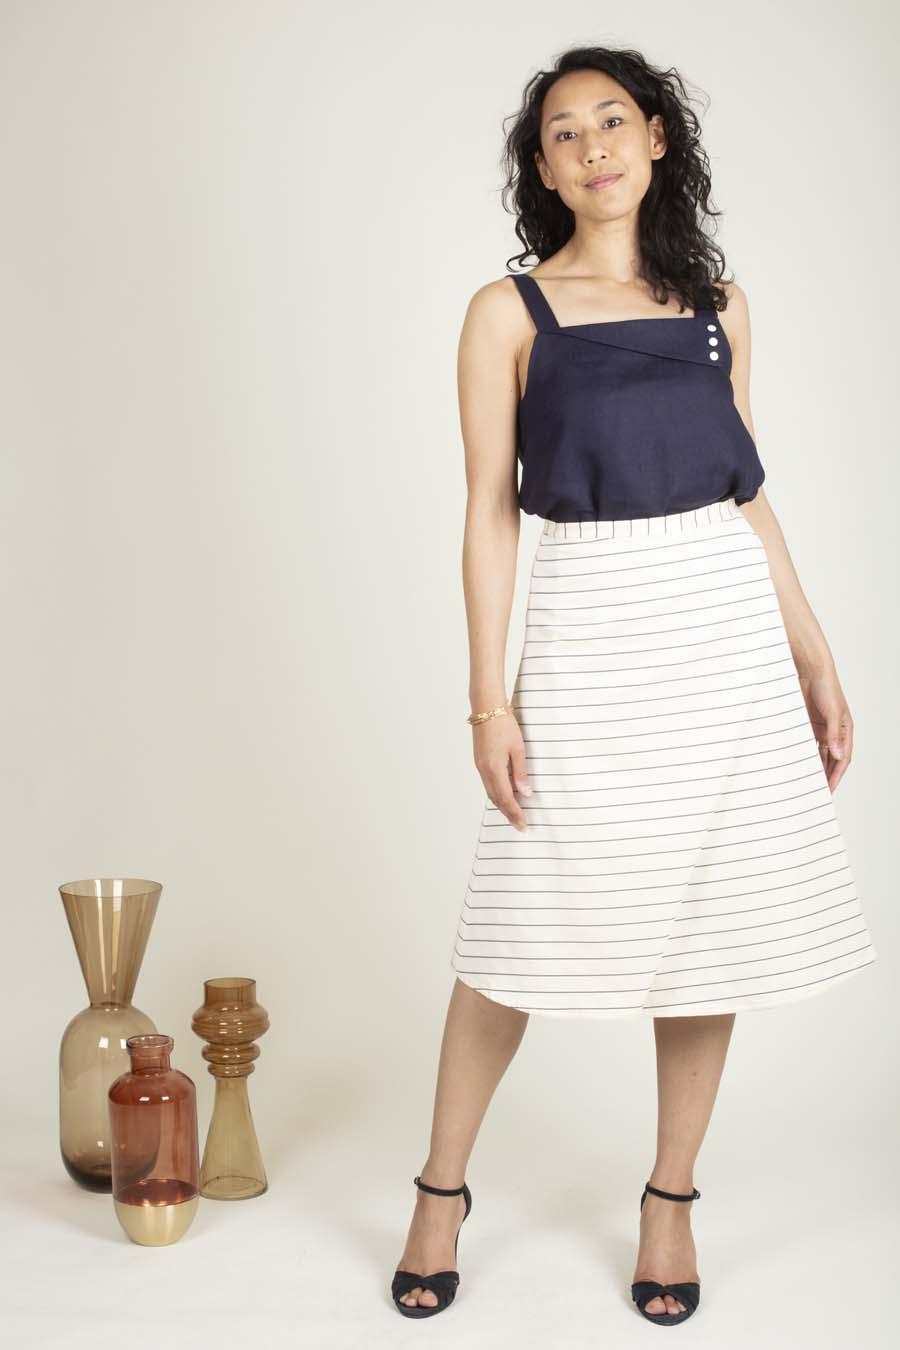 Haut Brené et jupe KIA - patron de couture été - Ose Patterns